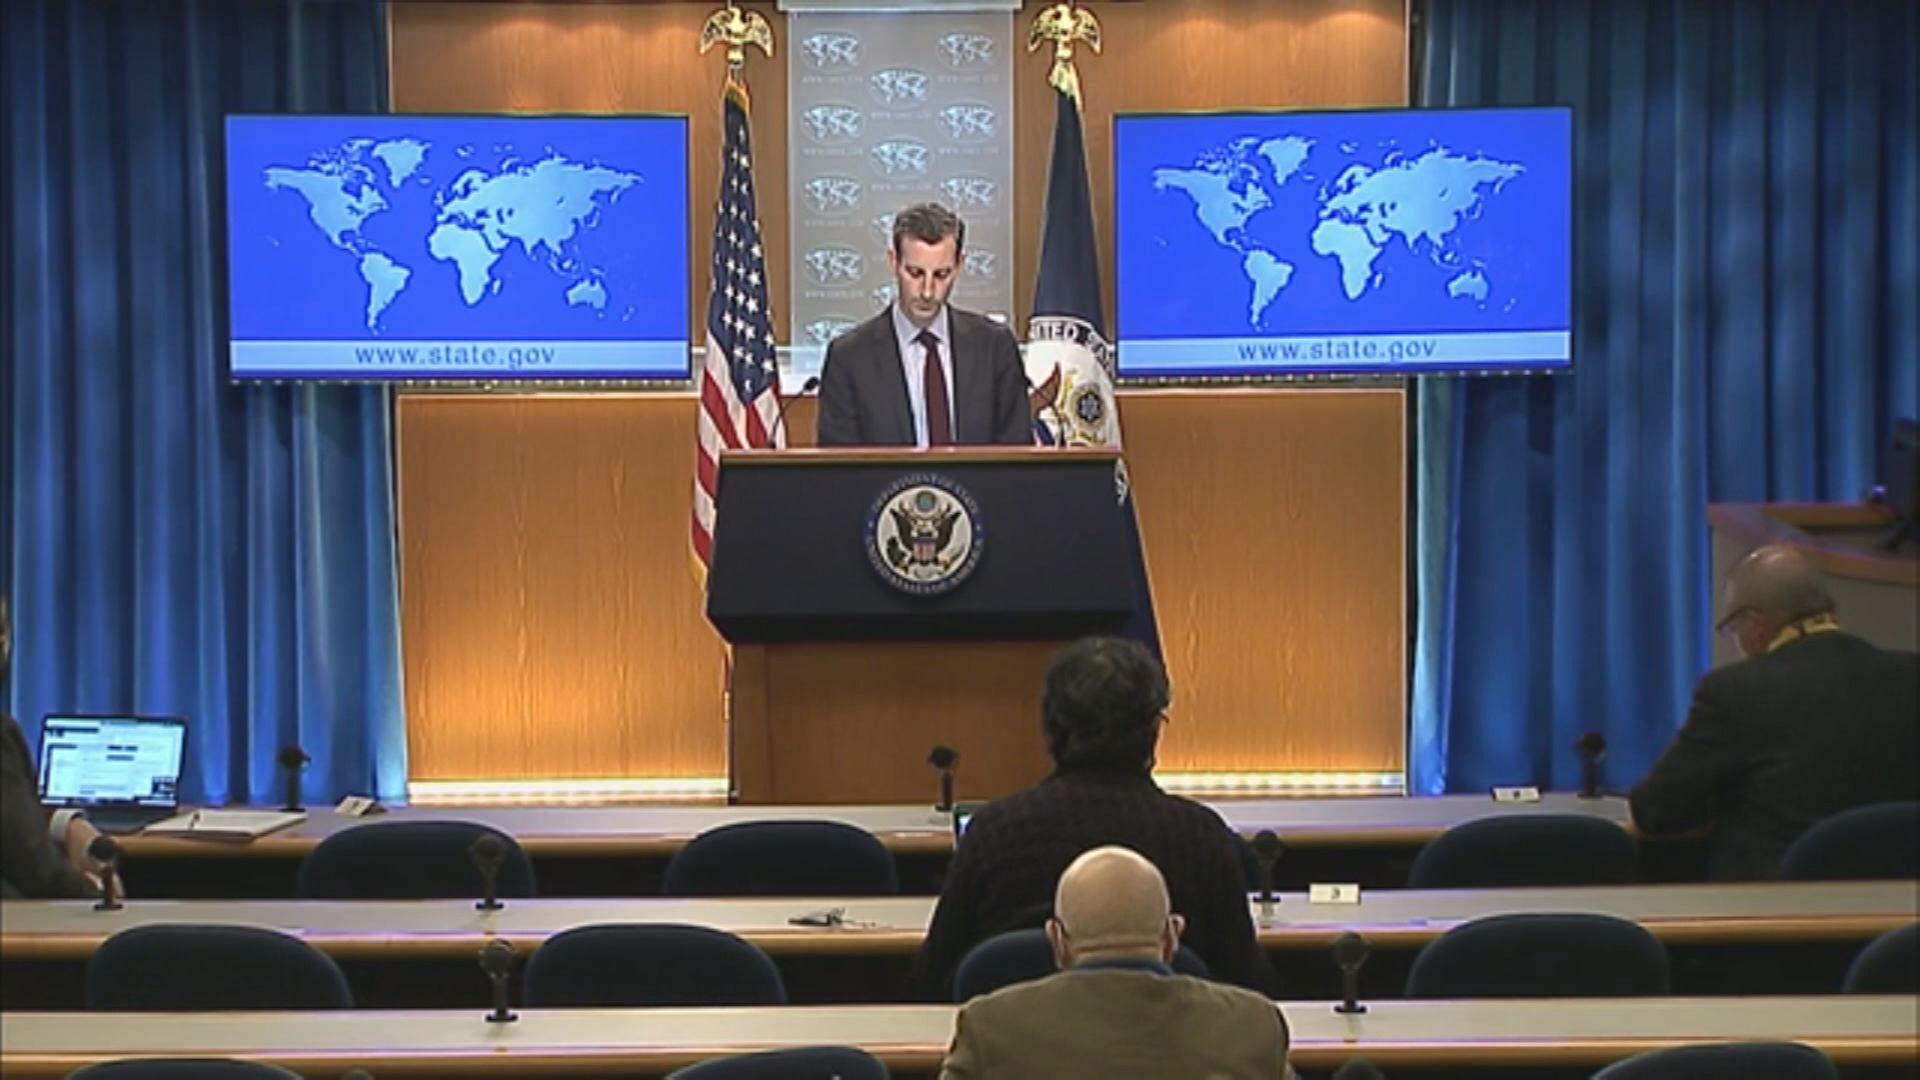 美國國務院發言人譴責中方禁播BBC世界新聞台